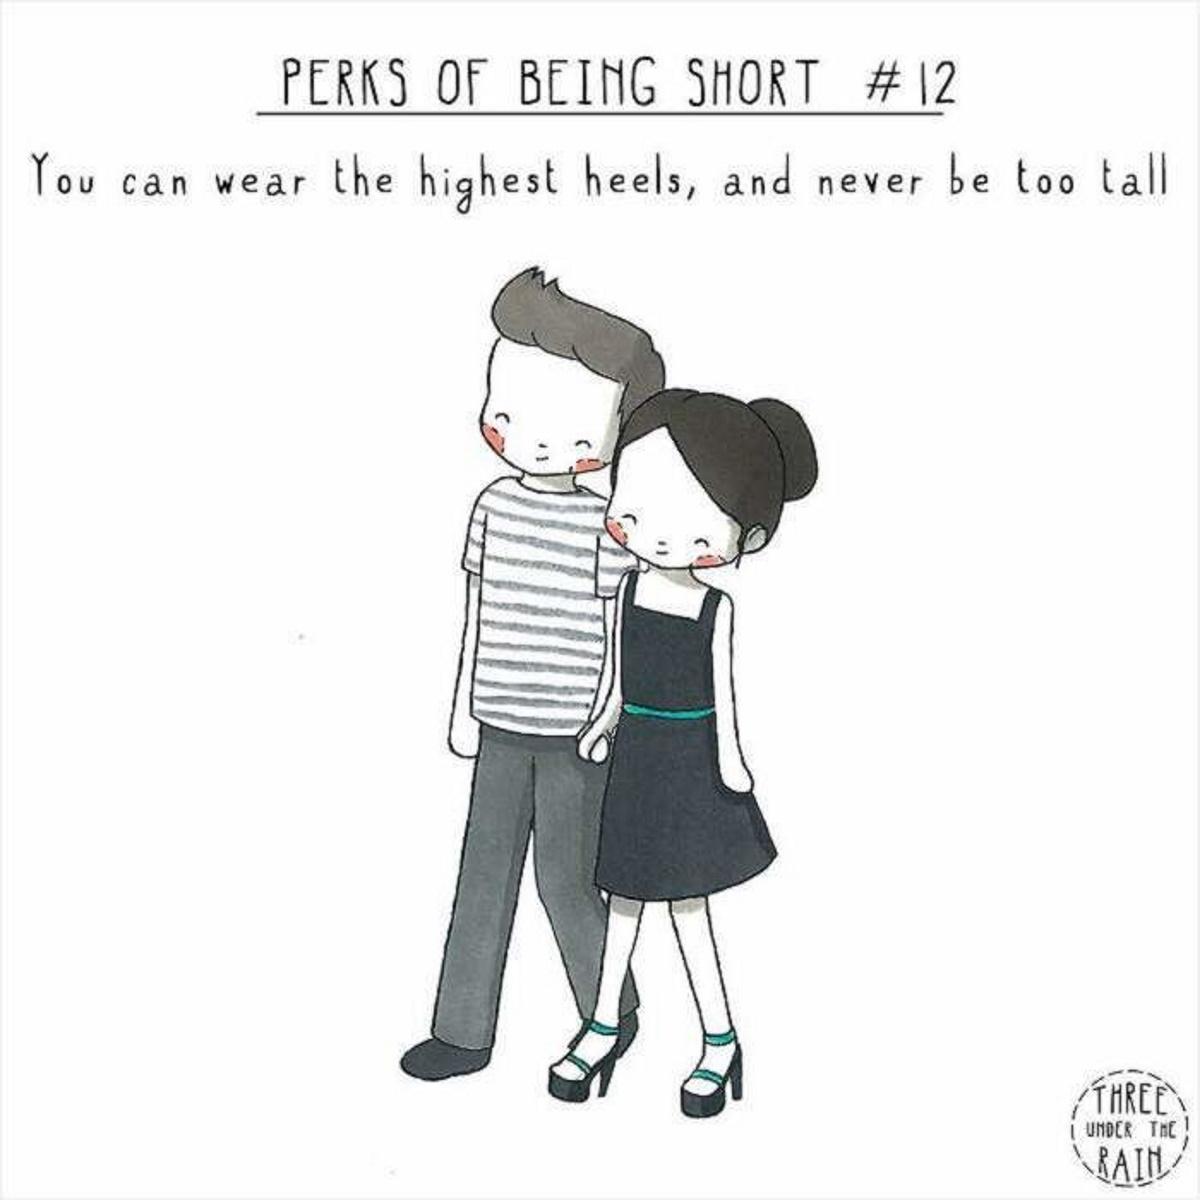 illustrazioni altezza